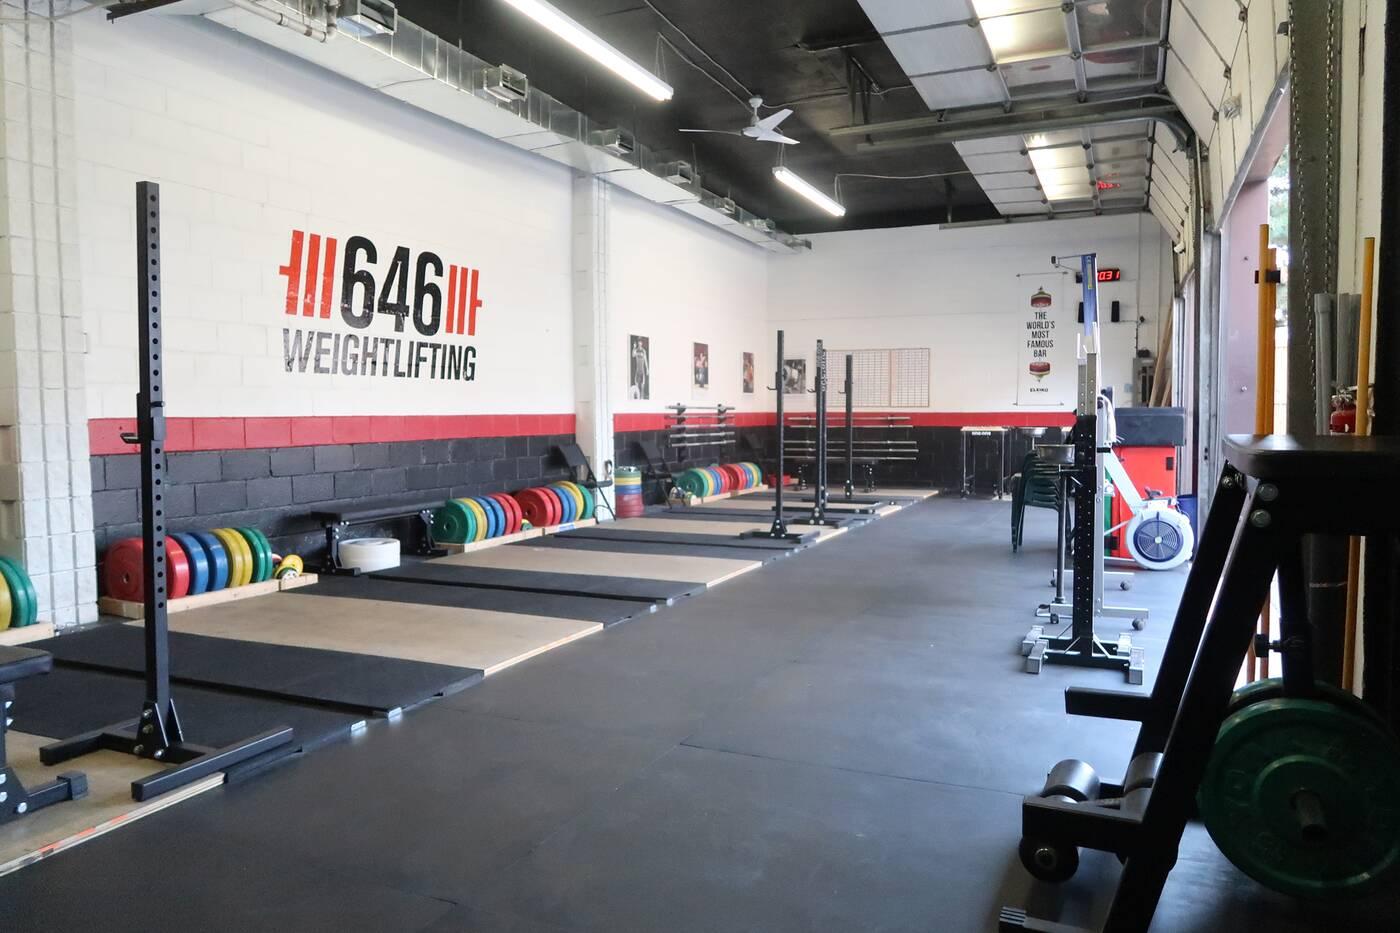 646 weightlifting gym